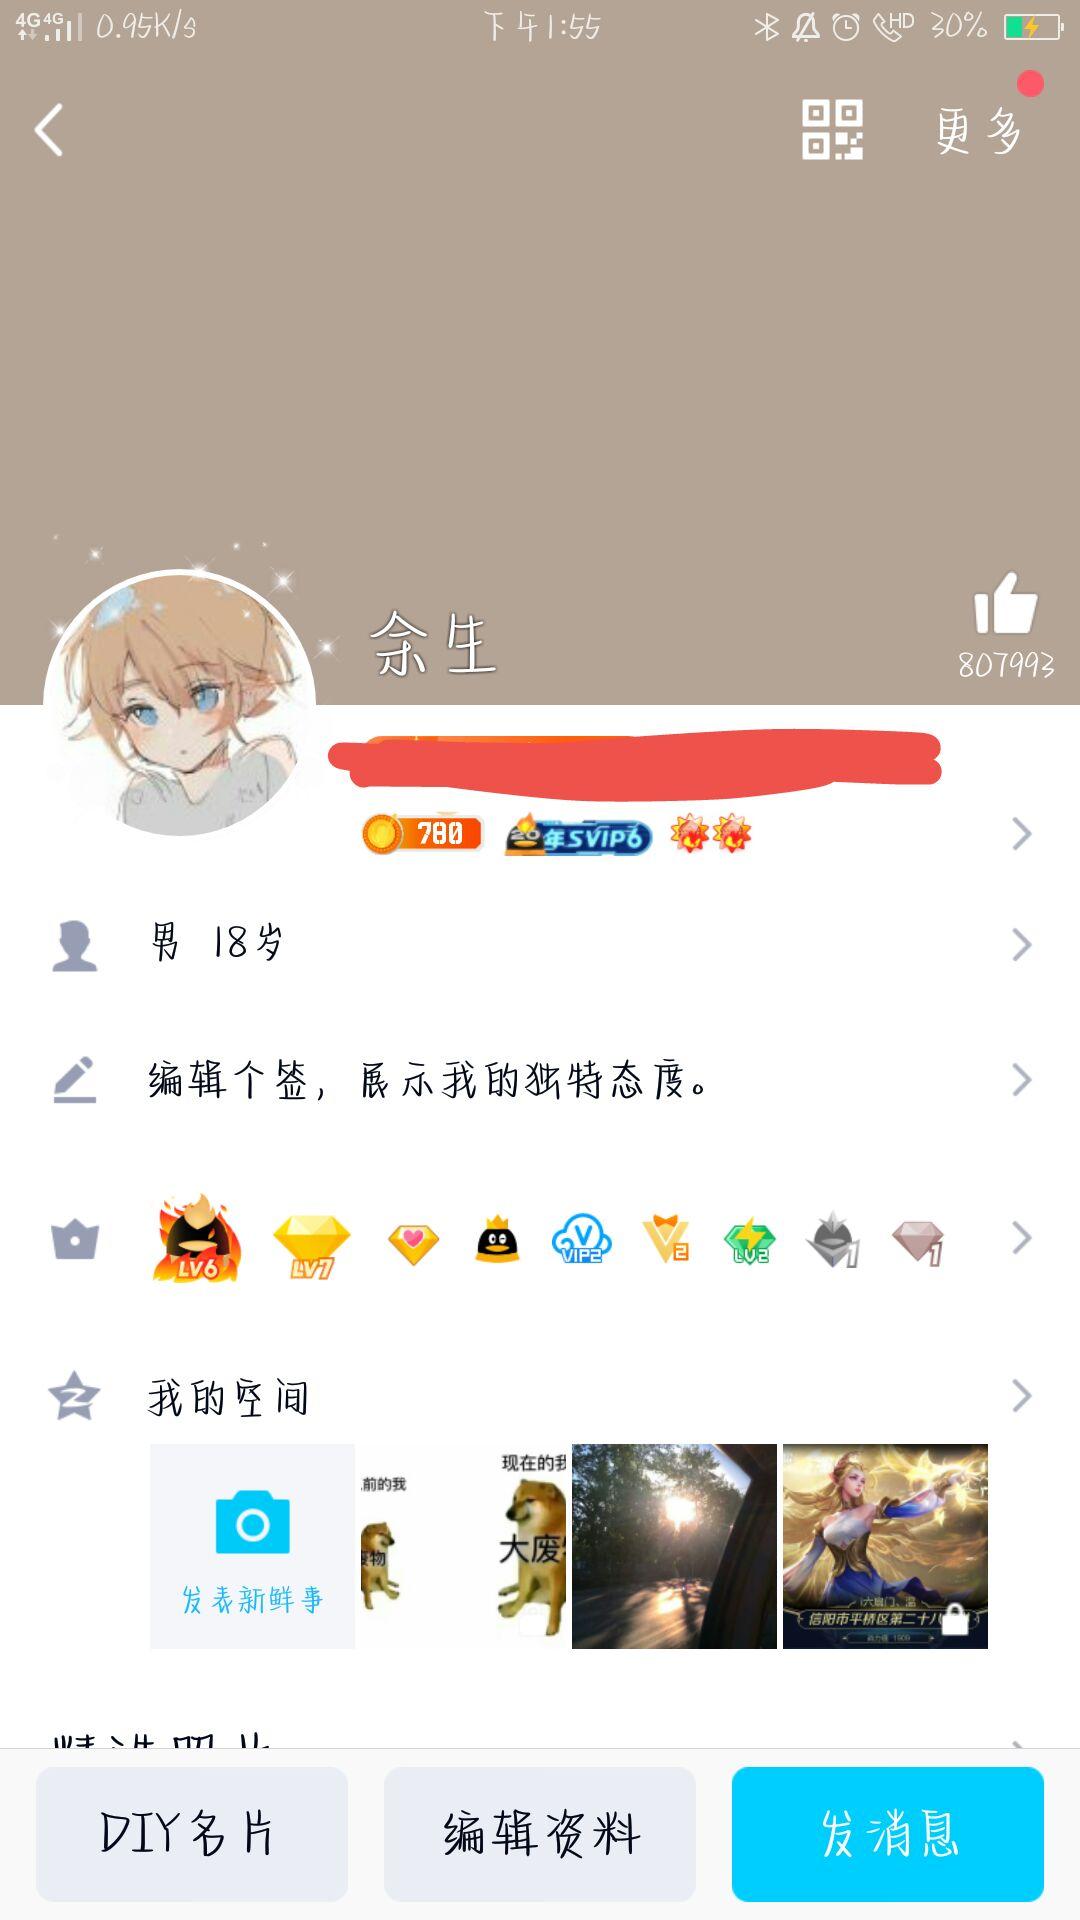 腾讯QQ业务手机话费开通渠道整合